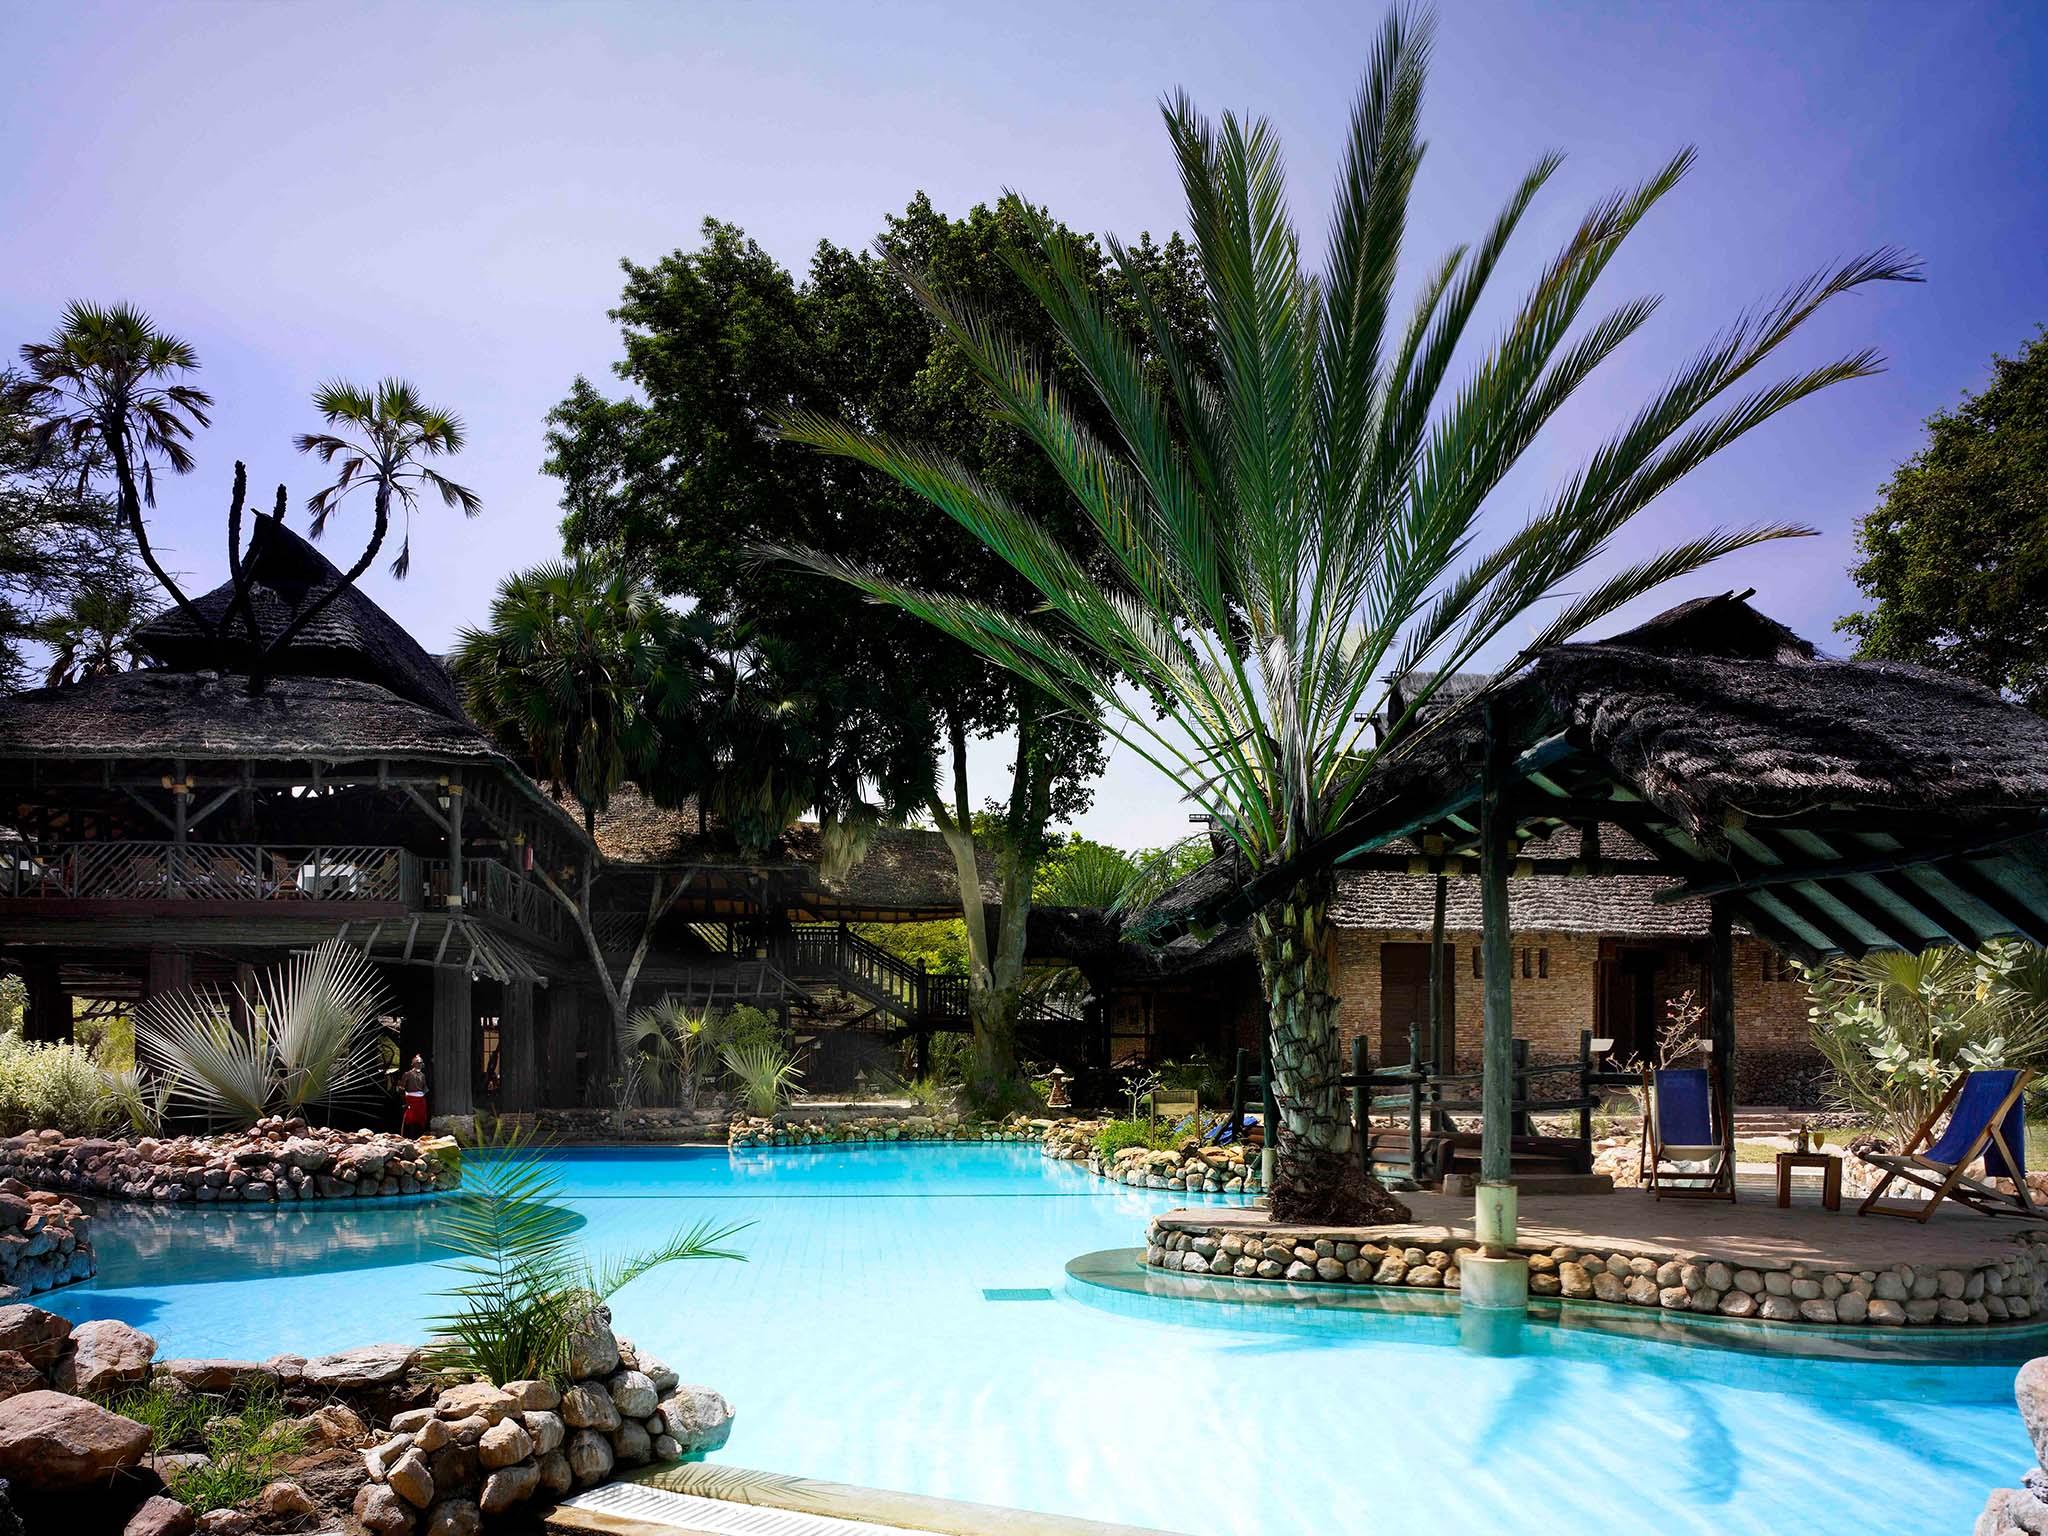 Pool at Sarova Shaba Game Lodge